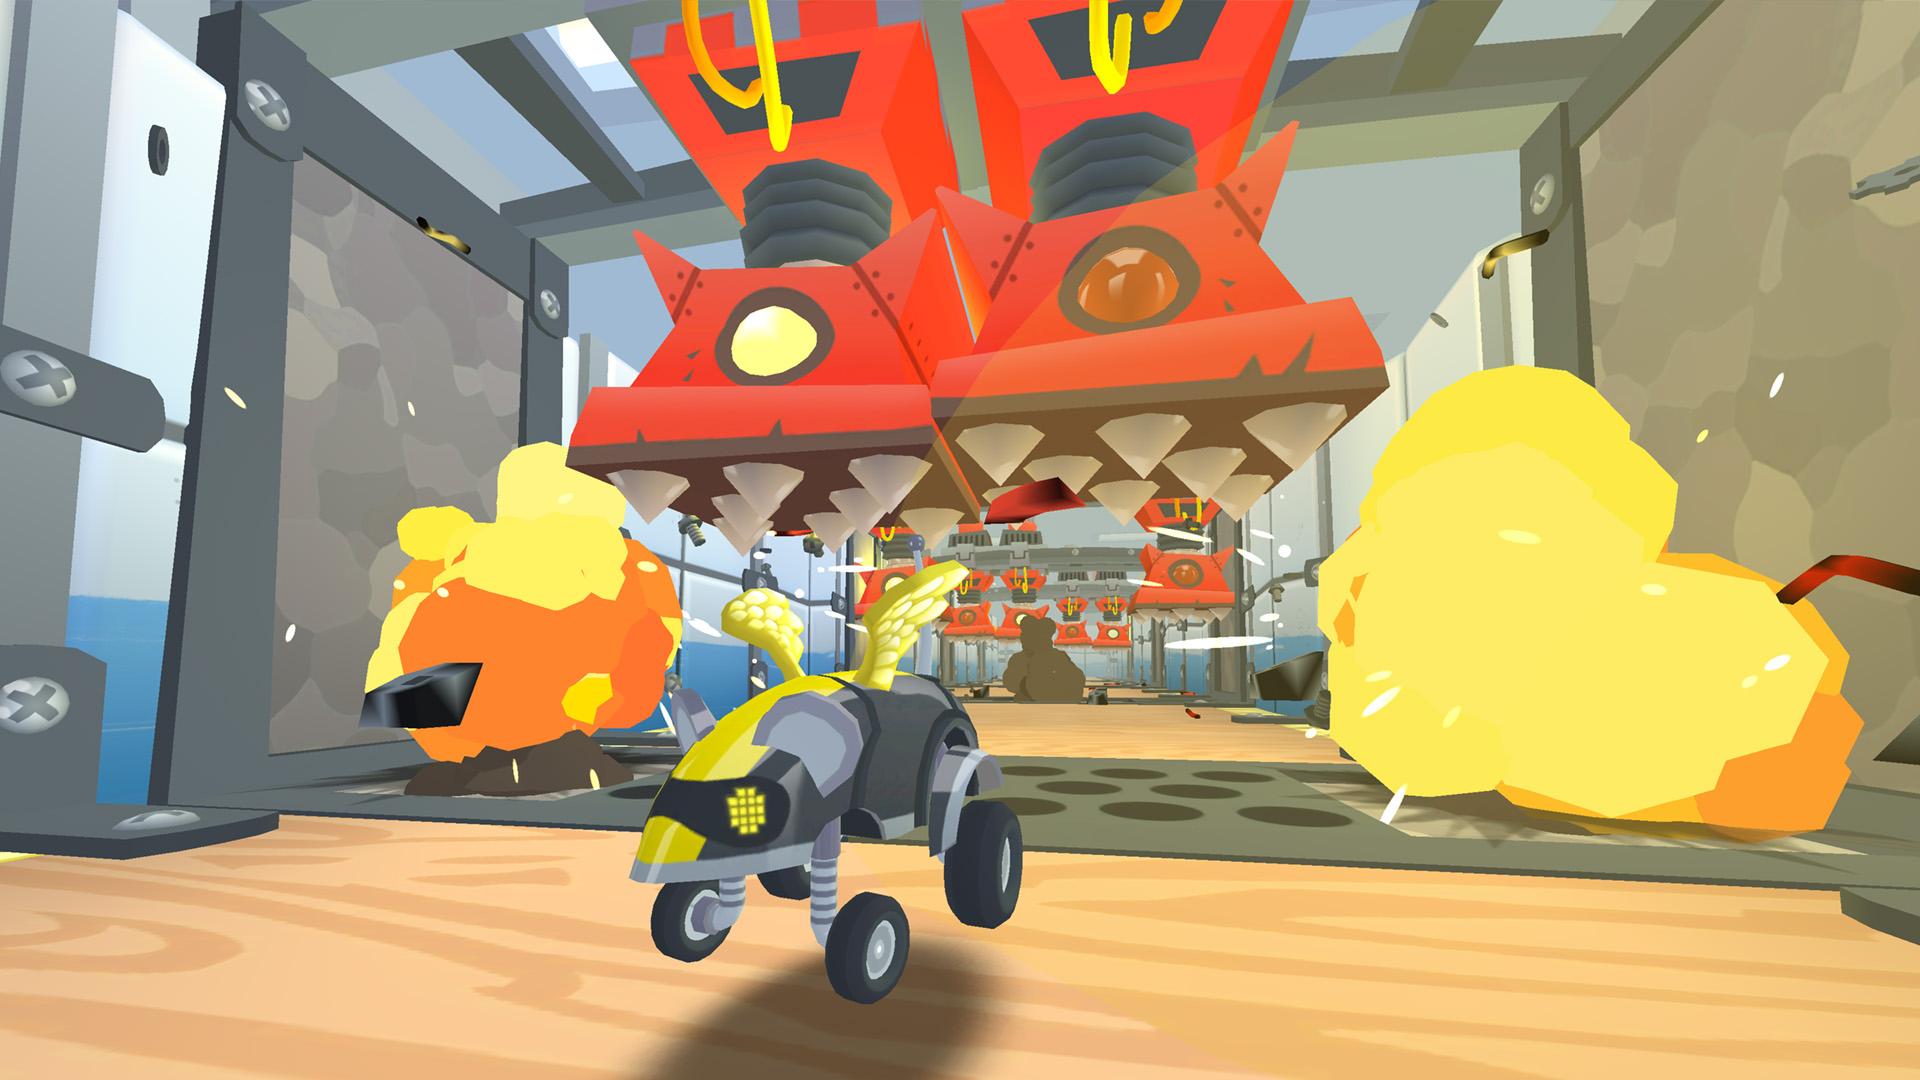 MouseBot_ExplodingAngel.jpg